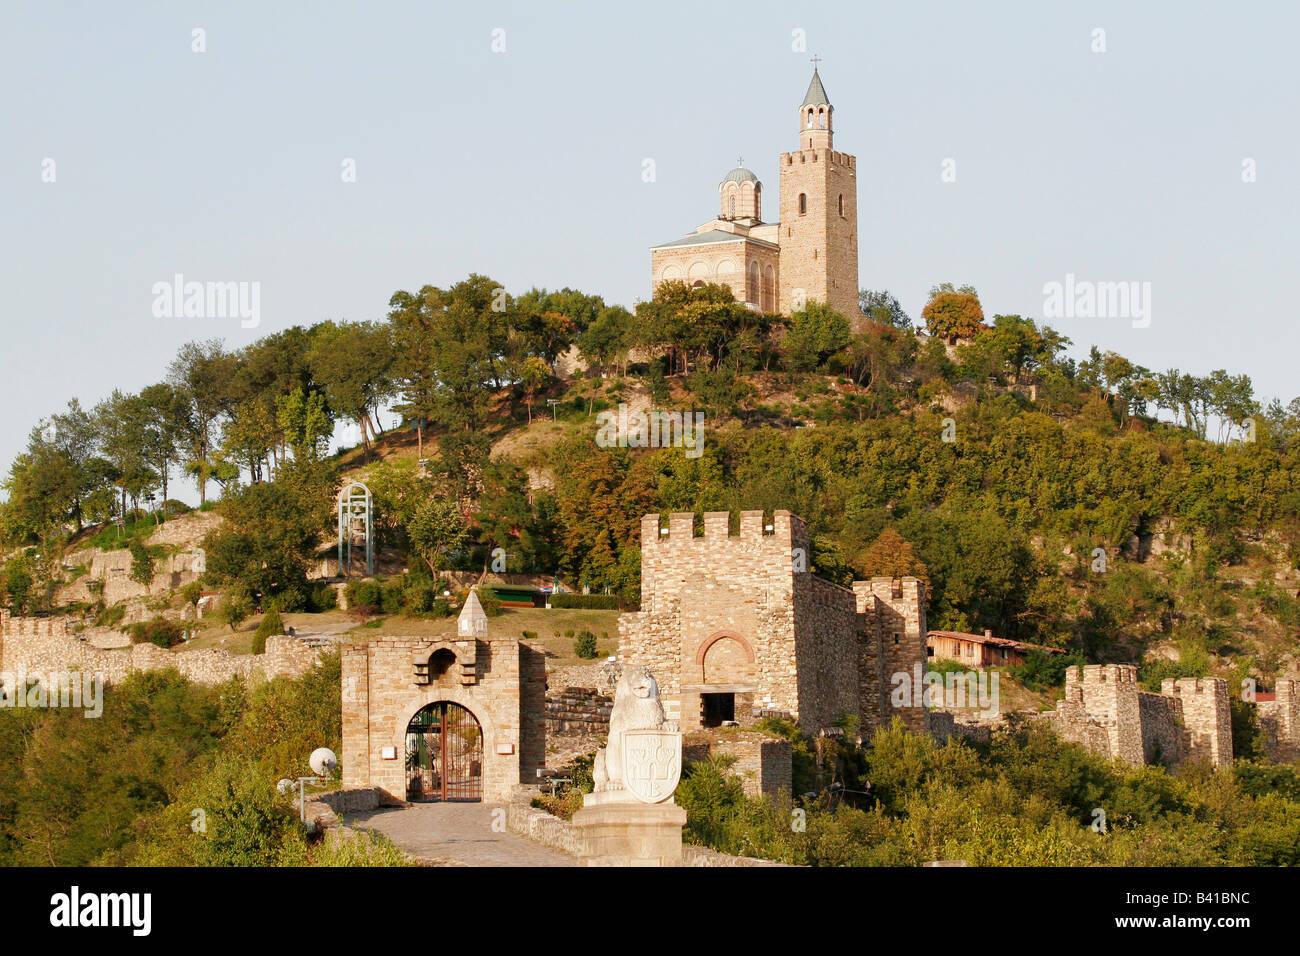 La forteresse de tsarevets à Veliko Tarnovo, l'ancienne capitale de la Bulgarie Banque D'Images